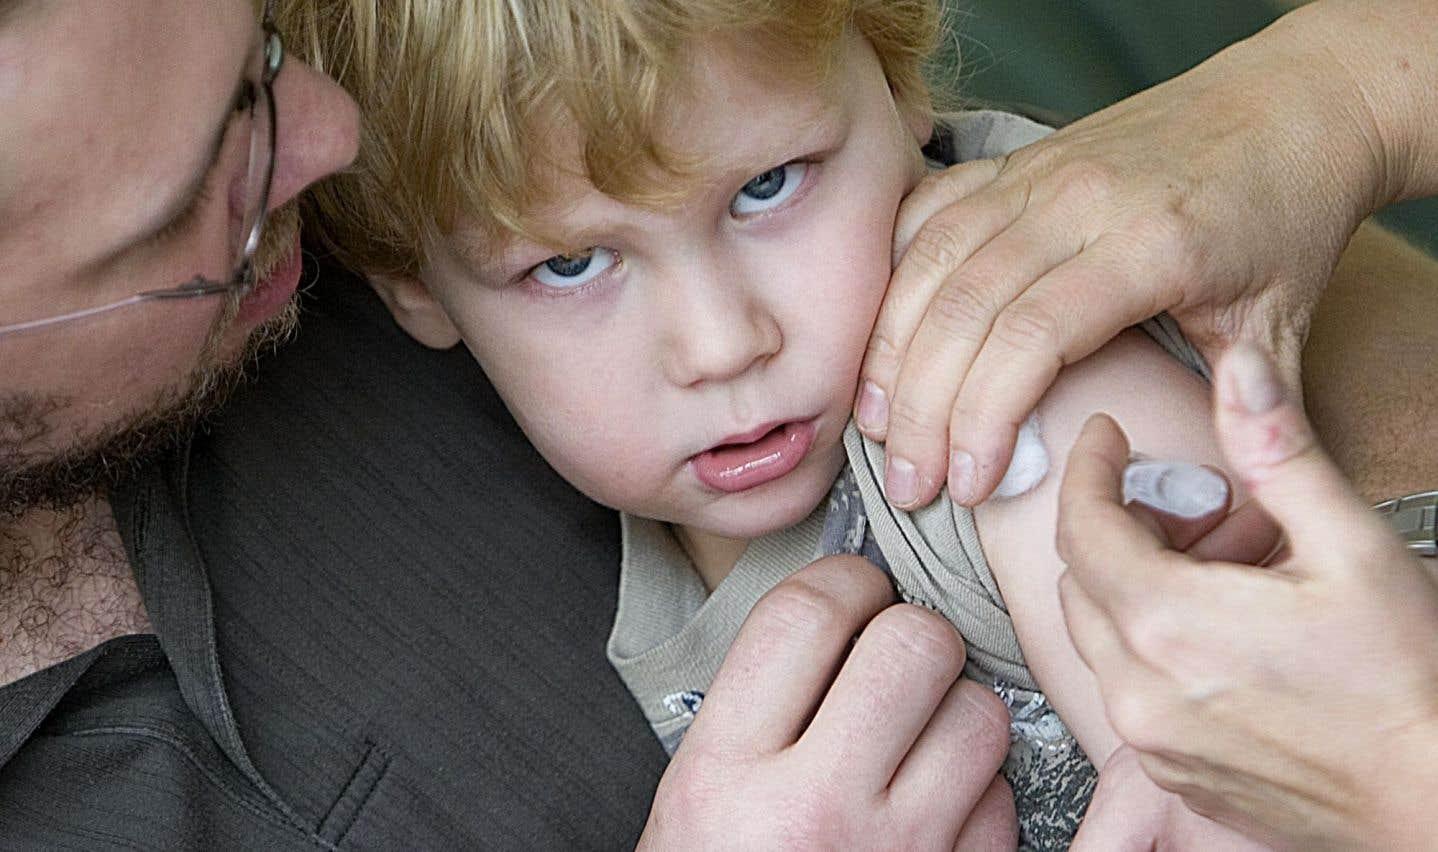 Le vaccin contre la grippe est sécuritaire pour les enfants allergiques